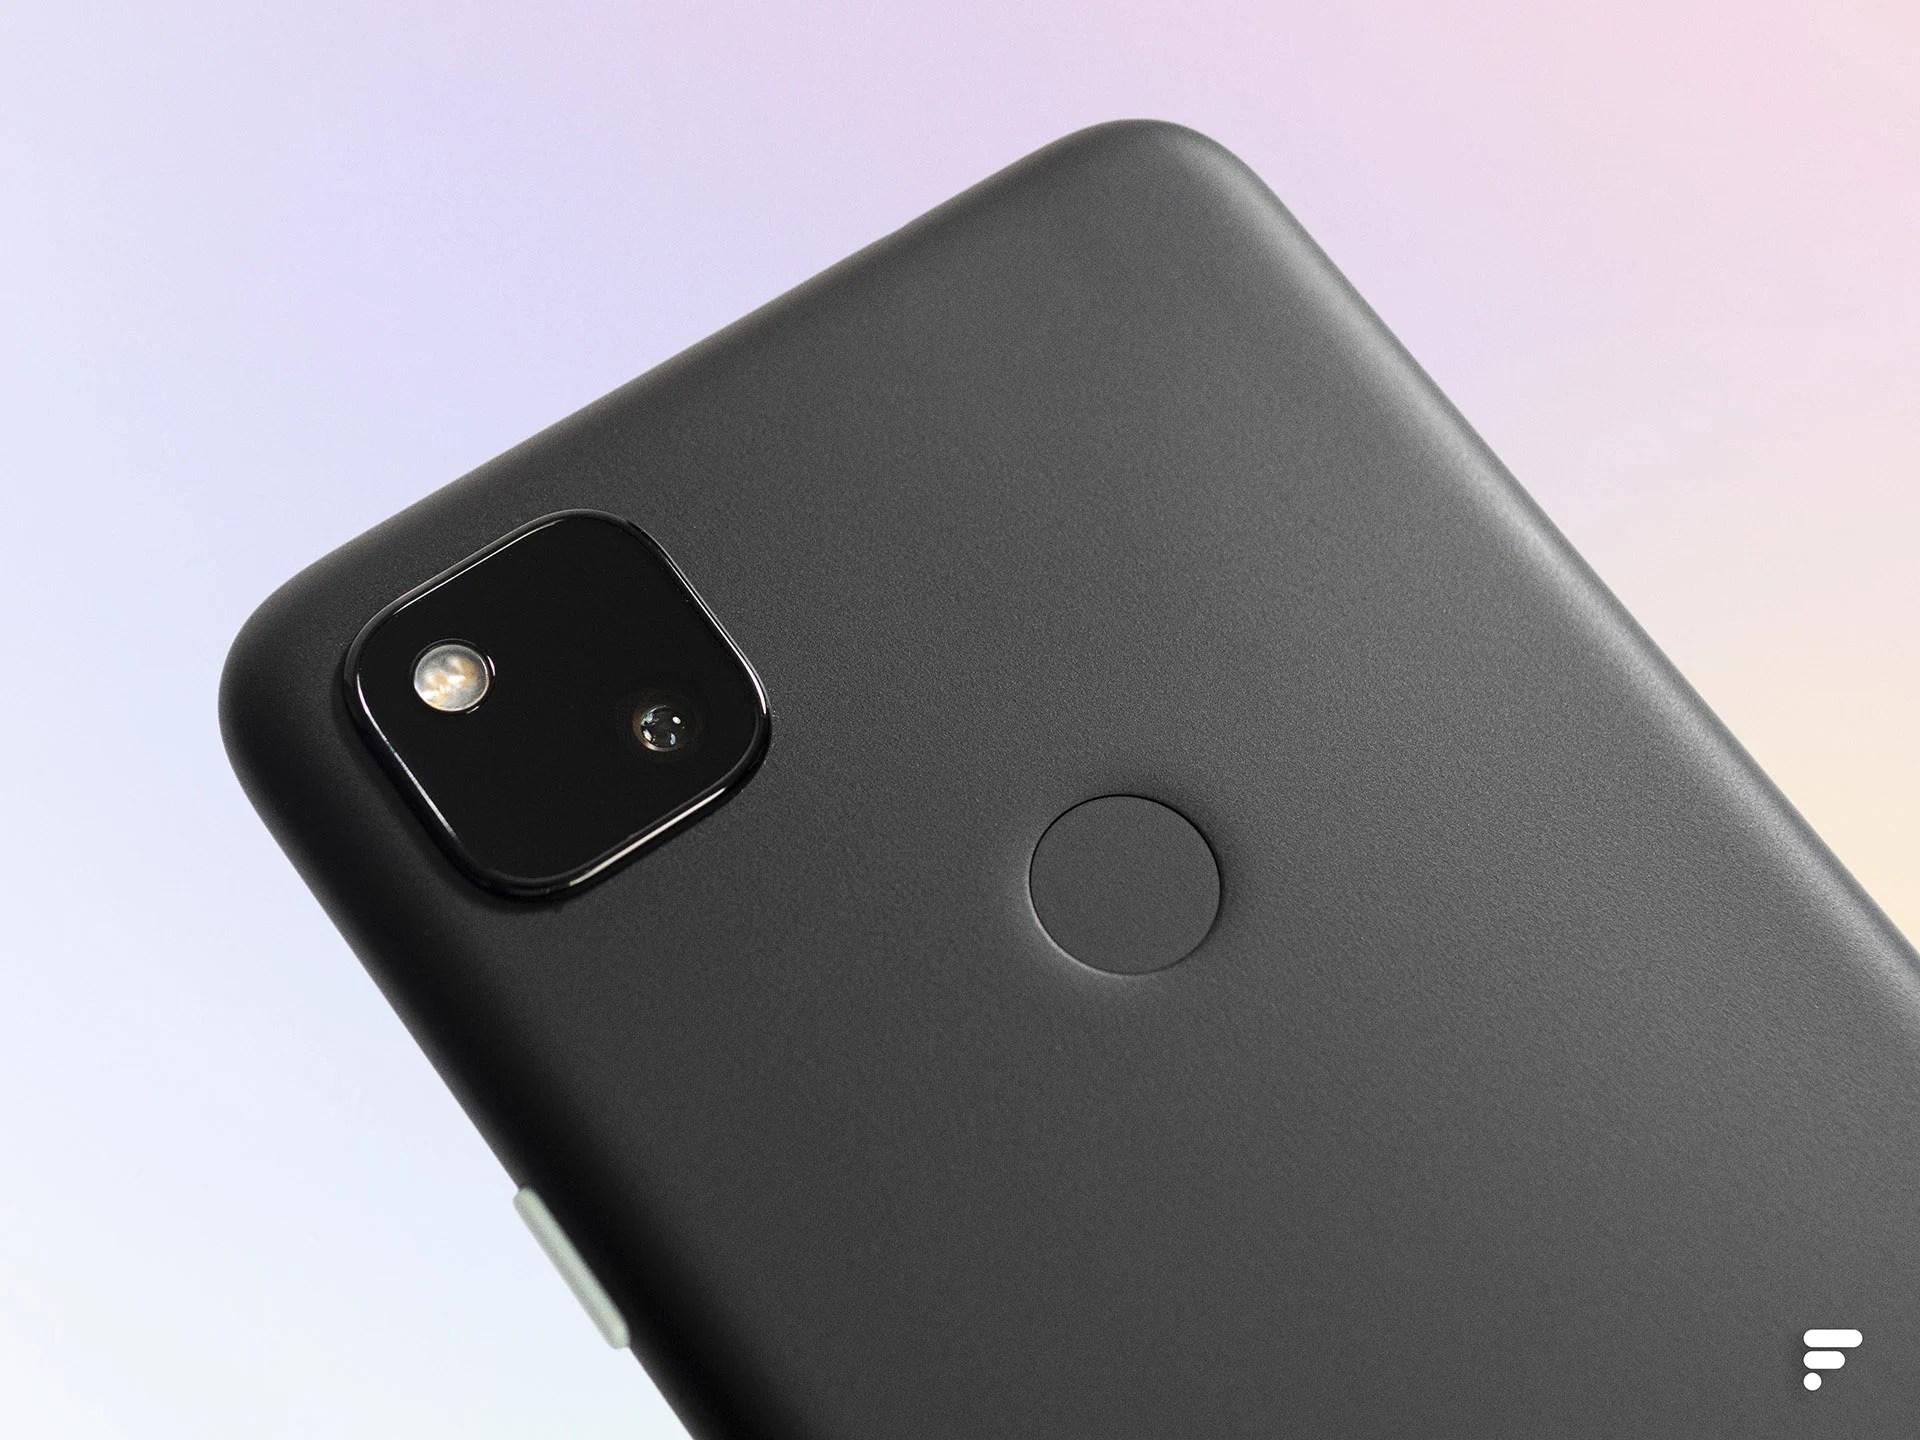 Google Pixel : un premier smartphone pliable serait prévu pour l'an prochain